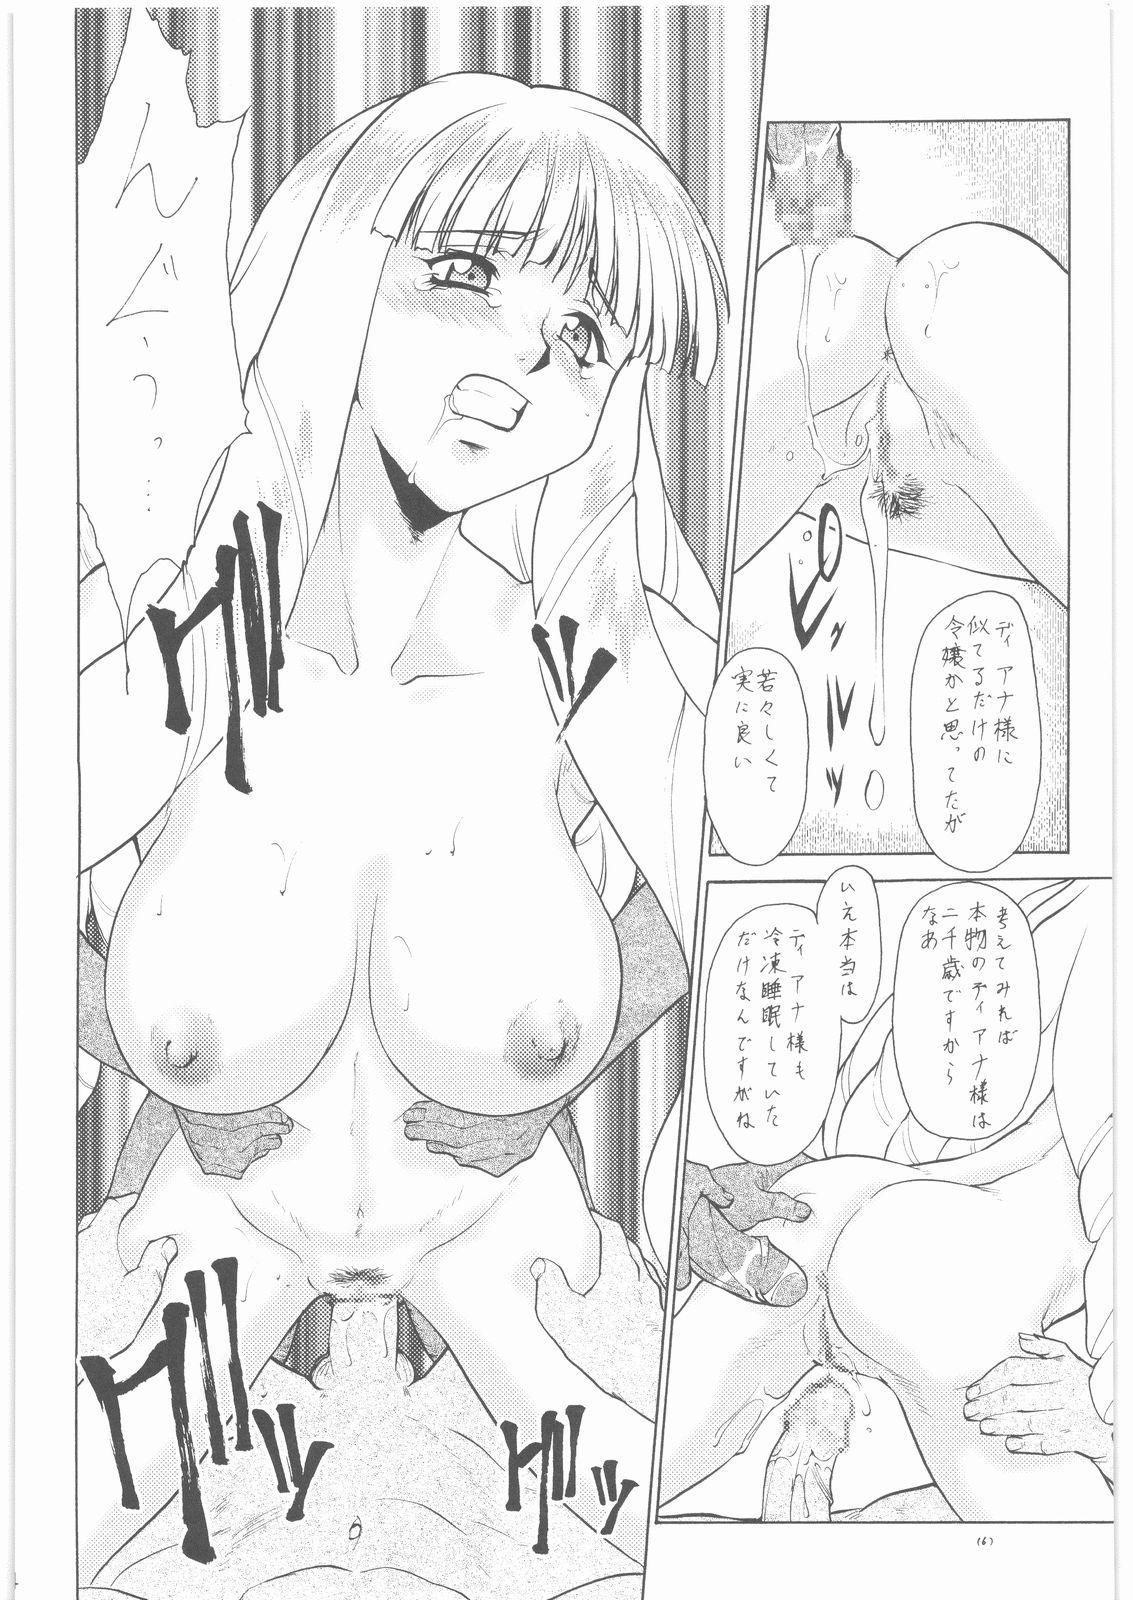 Umedamangashuu 12 Shito 12